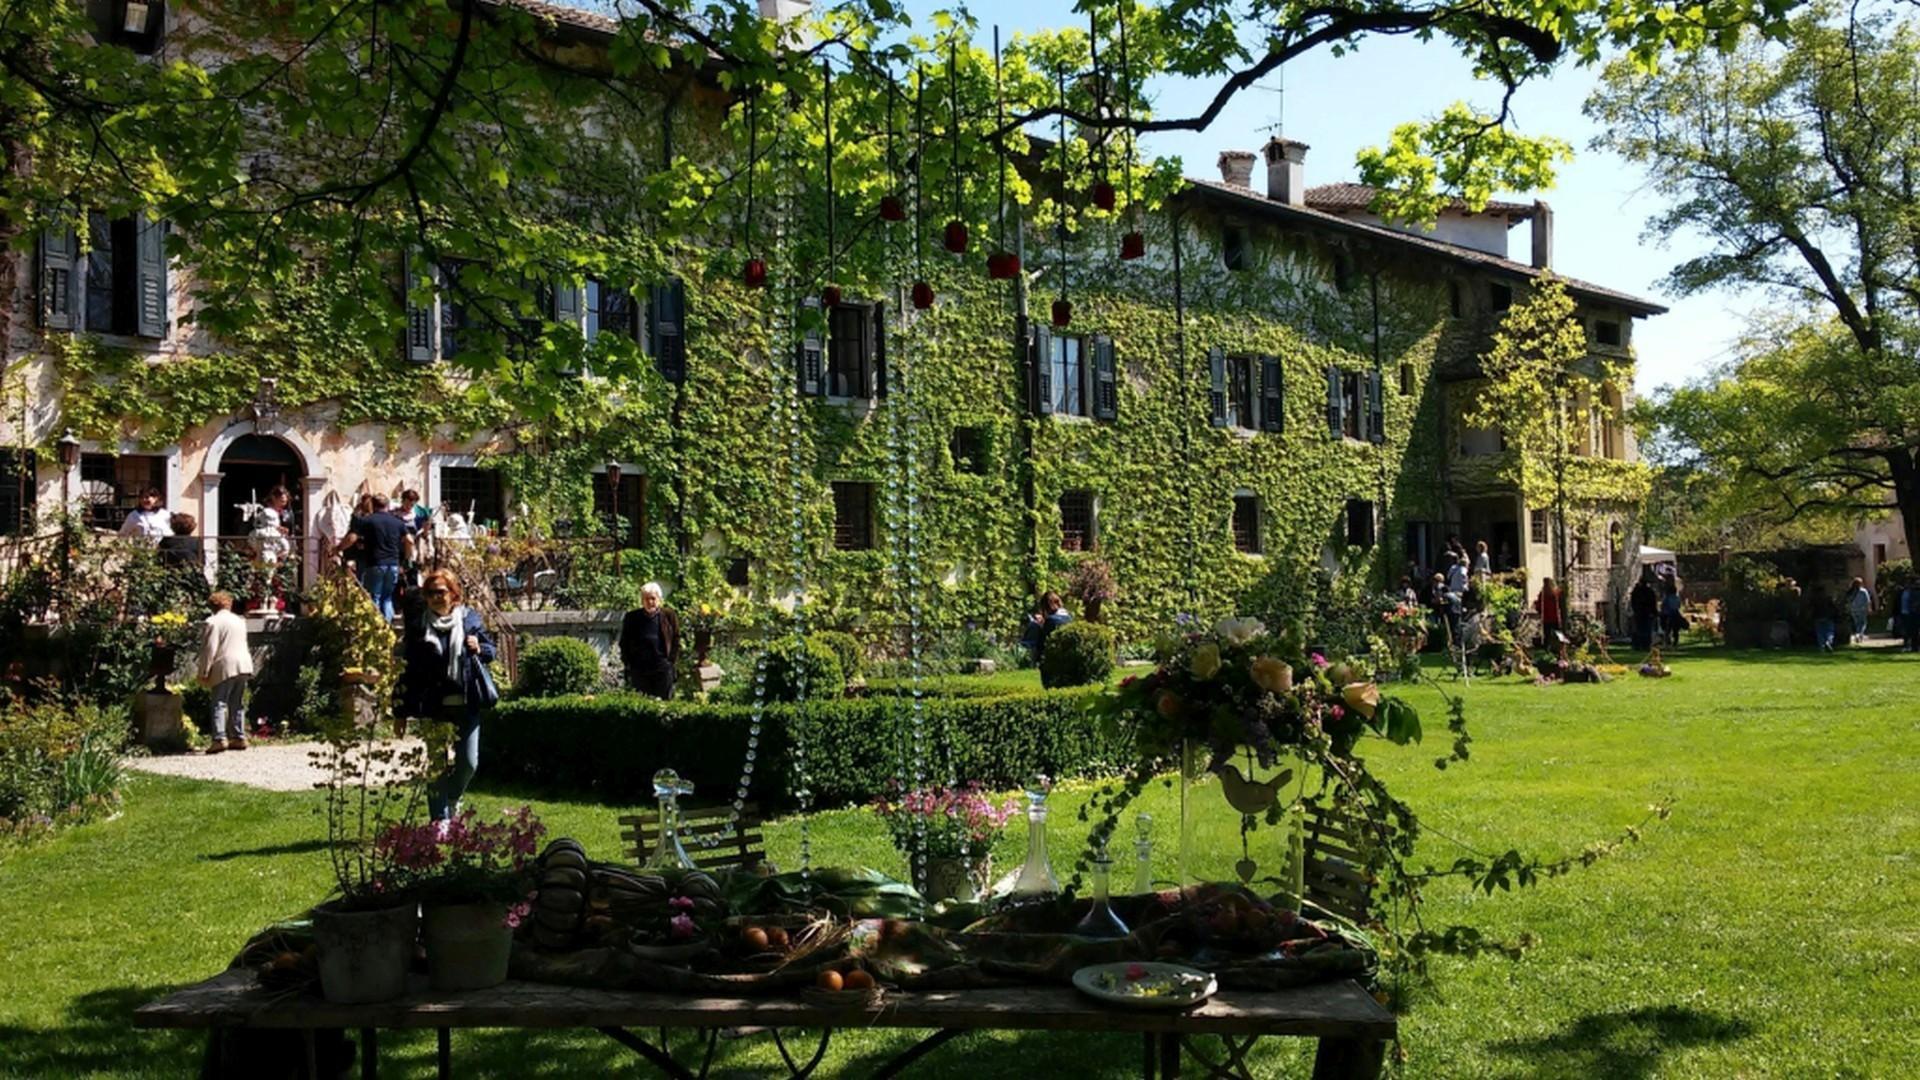 Fiori acque e castelli in friuli venezia giulia tgcom24 for Progettazione giardini friuli venezia giulia